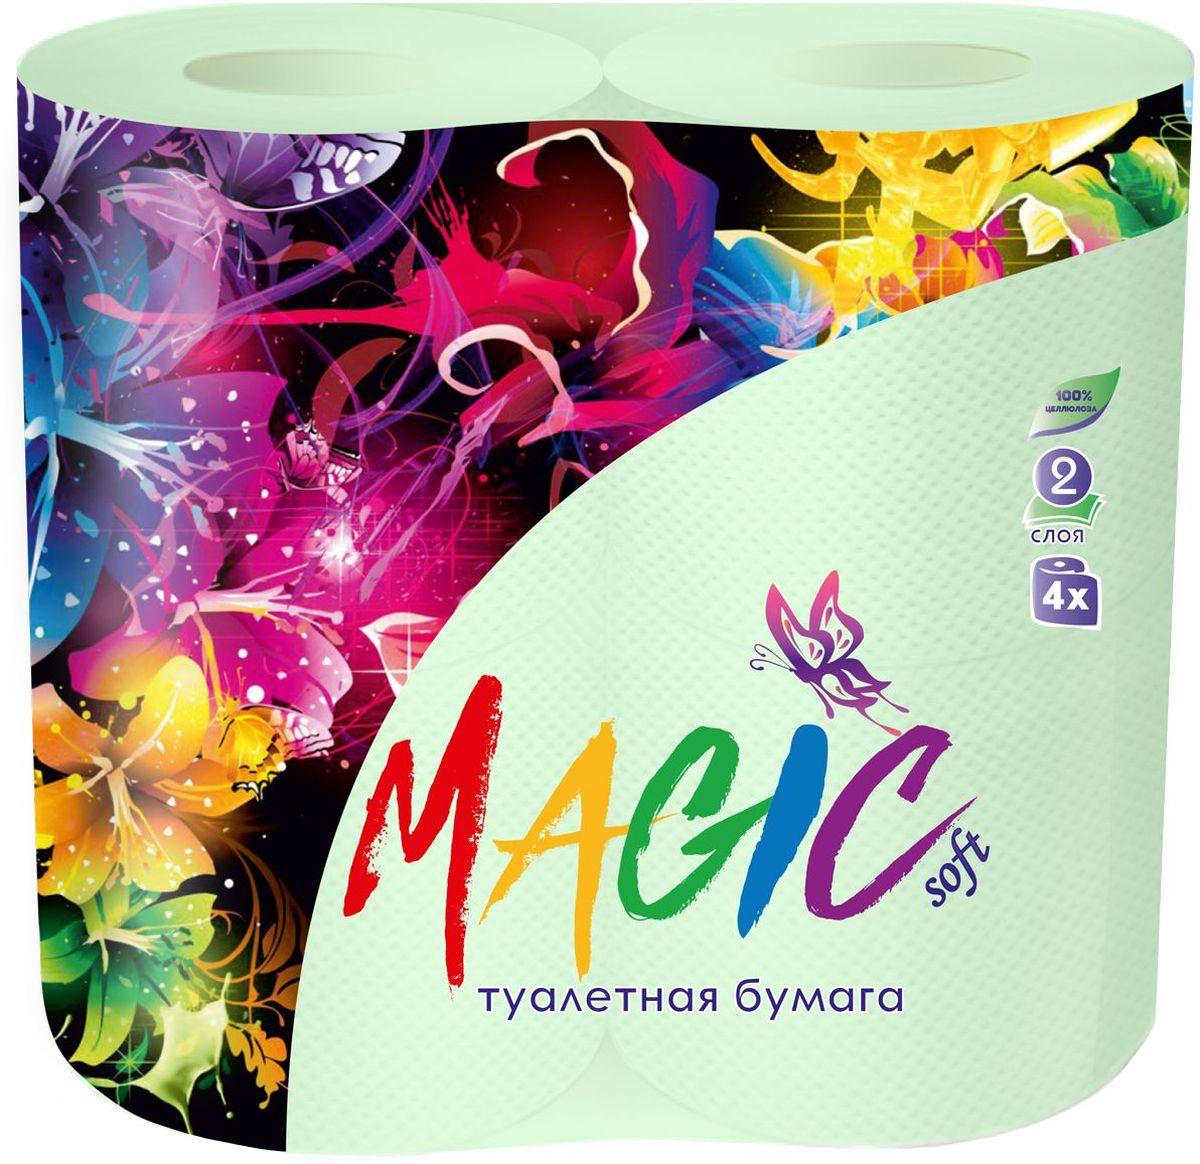 Туалетная бумага Magic Soft, цвет: зеленый, 4 рулонаC0042416Для бытового и санитарно-гигиенического назначения. Одноразового использования.